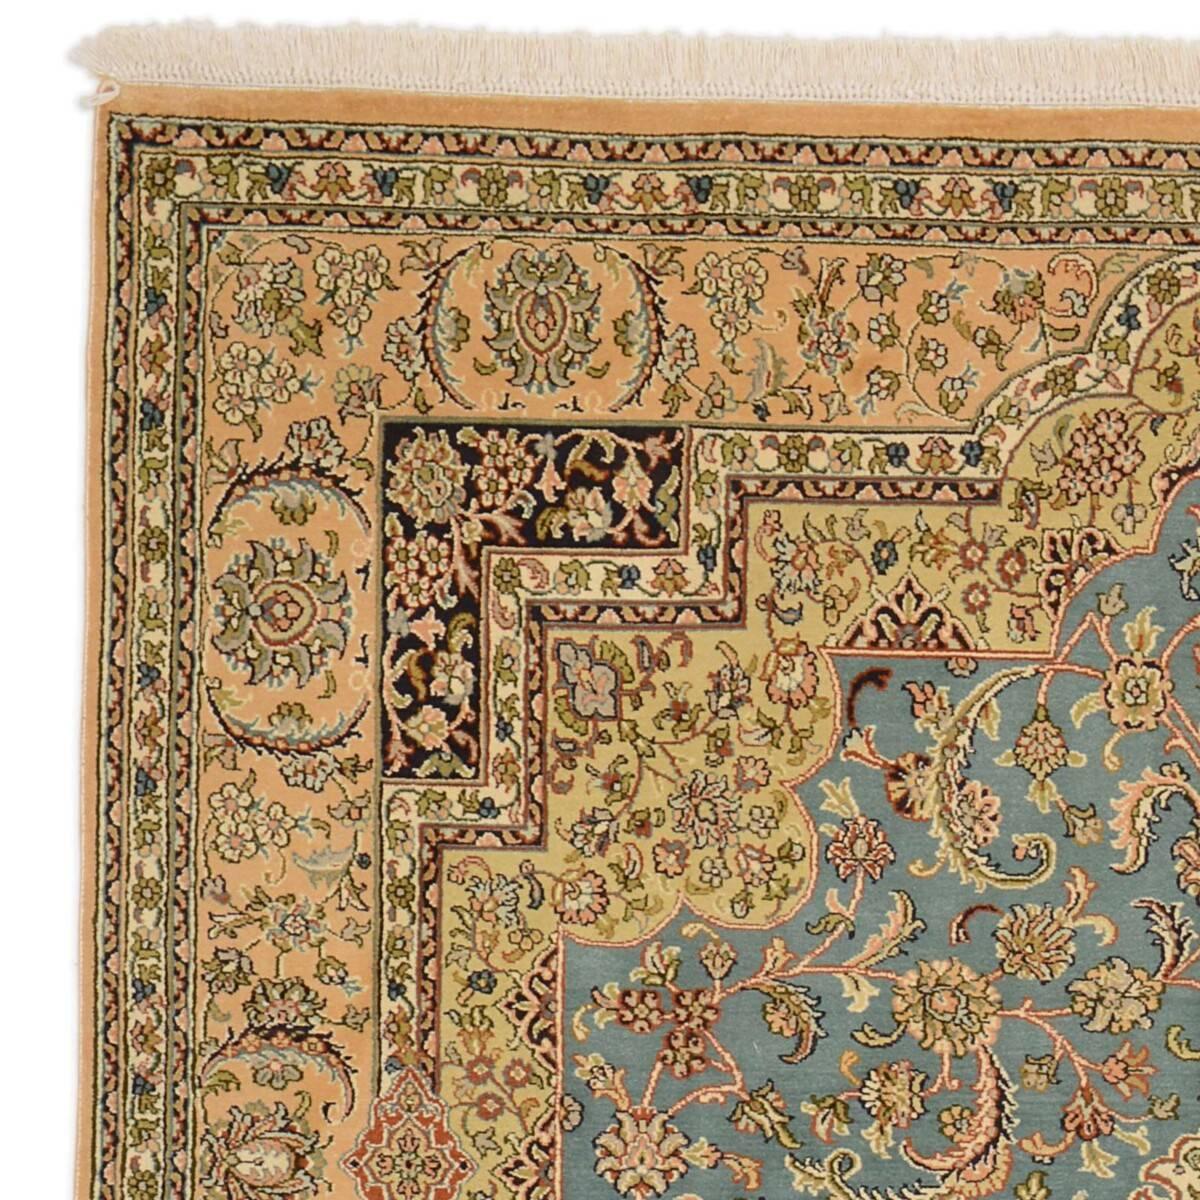 Dywan Jedwabny Heritage Silk 155 x 219 71453